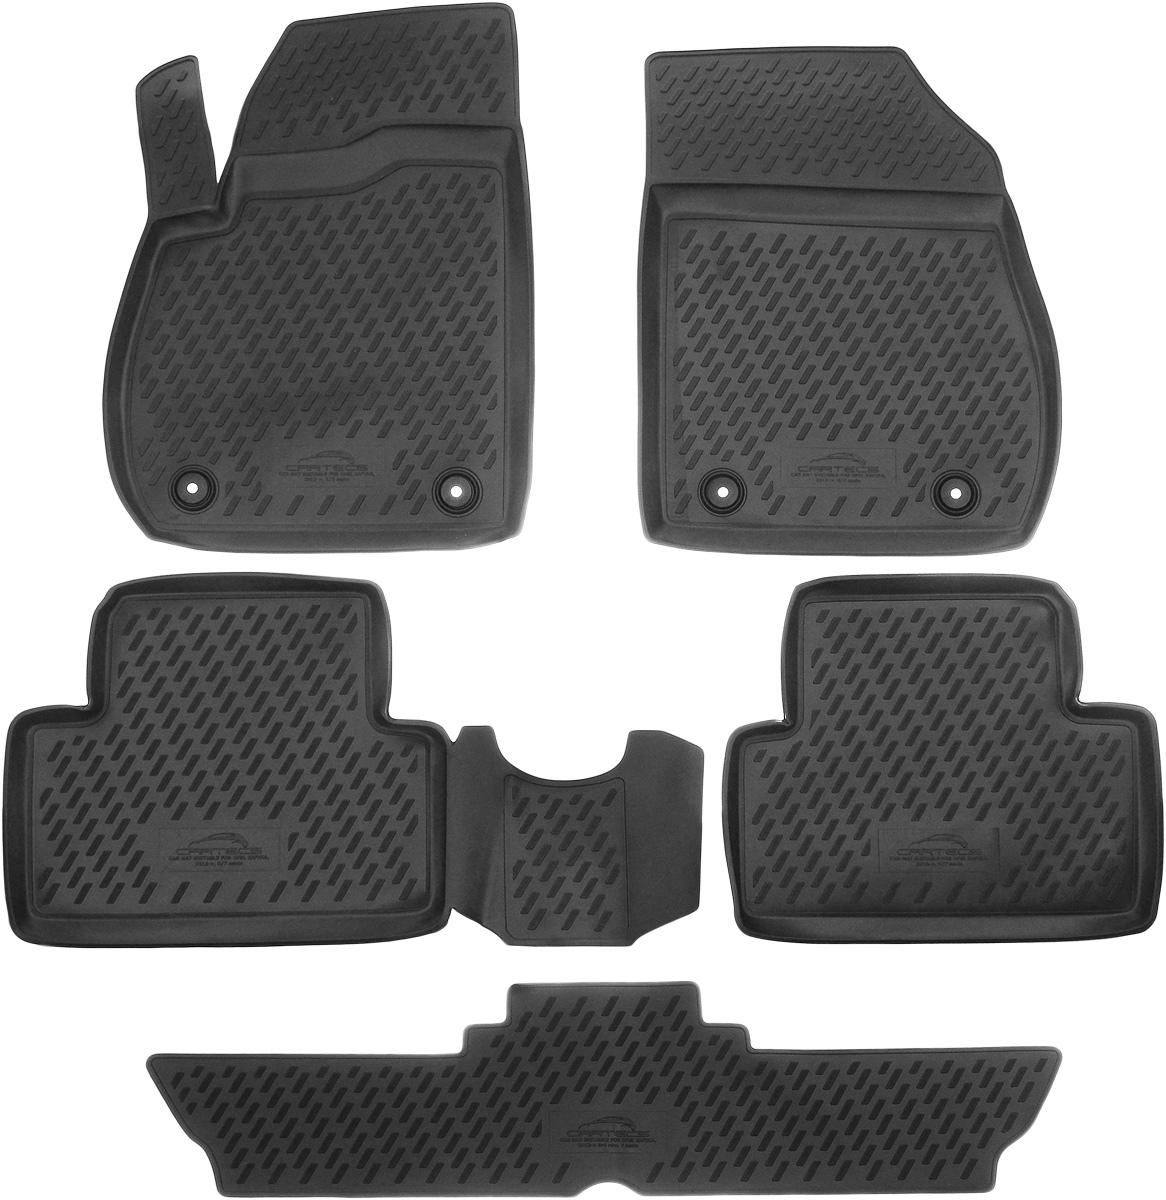 Коврики в салон автомобиля Novline-Autofamily, для Opel Zafira 2012-> 7 мест, 5 штNLT.36.37.22.110khКоврики в салон Novline-Autofamily не только улучшат внешний вид салона вашего автомобиля, но и надежно уберегут его от пыли, грязи и сырости, а значит, защитят кузов от коррозии. Полиуретановые коврики для автомобиля гладкие, приятные и не пропускают влагу. Автомобильные коврики в салон учитывают все особенности каждой модели и полностью повторяют контуры пола. Благодаря этому их не нужно будет подгибать или обрезать. И самое главное - они не будут мешать педалям.Полиуретановые автомобильные коврики для салона произведены из высококачественного материала, который держит форму и не пачкает обувь. К тому же, этот материал очень прочный (его, к примеру, не получится проткнуть каблуком).Некоторые автоковрики становятся источником неприятного запаха в автомобиле. С полиуретановыми ковриками Novline-Autofamily вы можете этого не бояться.Коврики для автомобилей надежно крепятся на полу и не скользят, что очень важно во время движения, особенно для водителя.Коврики из полиуретана надежно удерживают грязь и влагу, при этом всегда выглядят довольно опрятно. И чистятся они очень просто: как при помощи автомобильного пылесоса, так и различными моющими средствами.